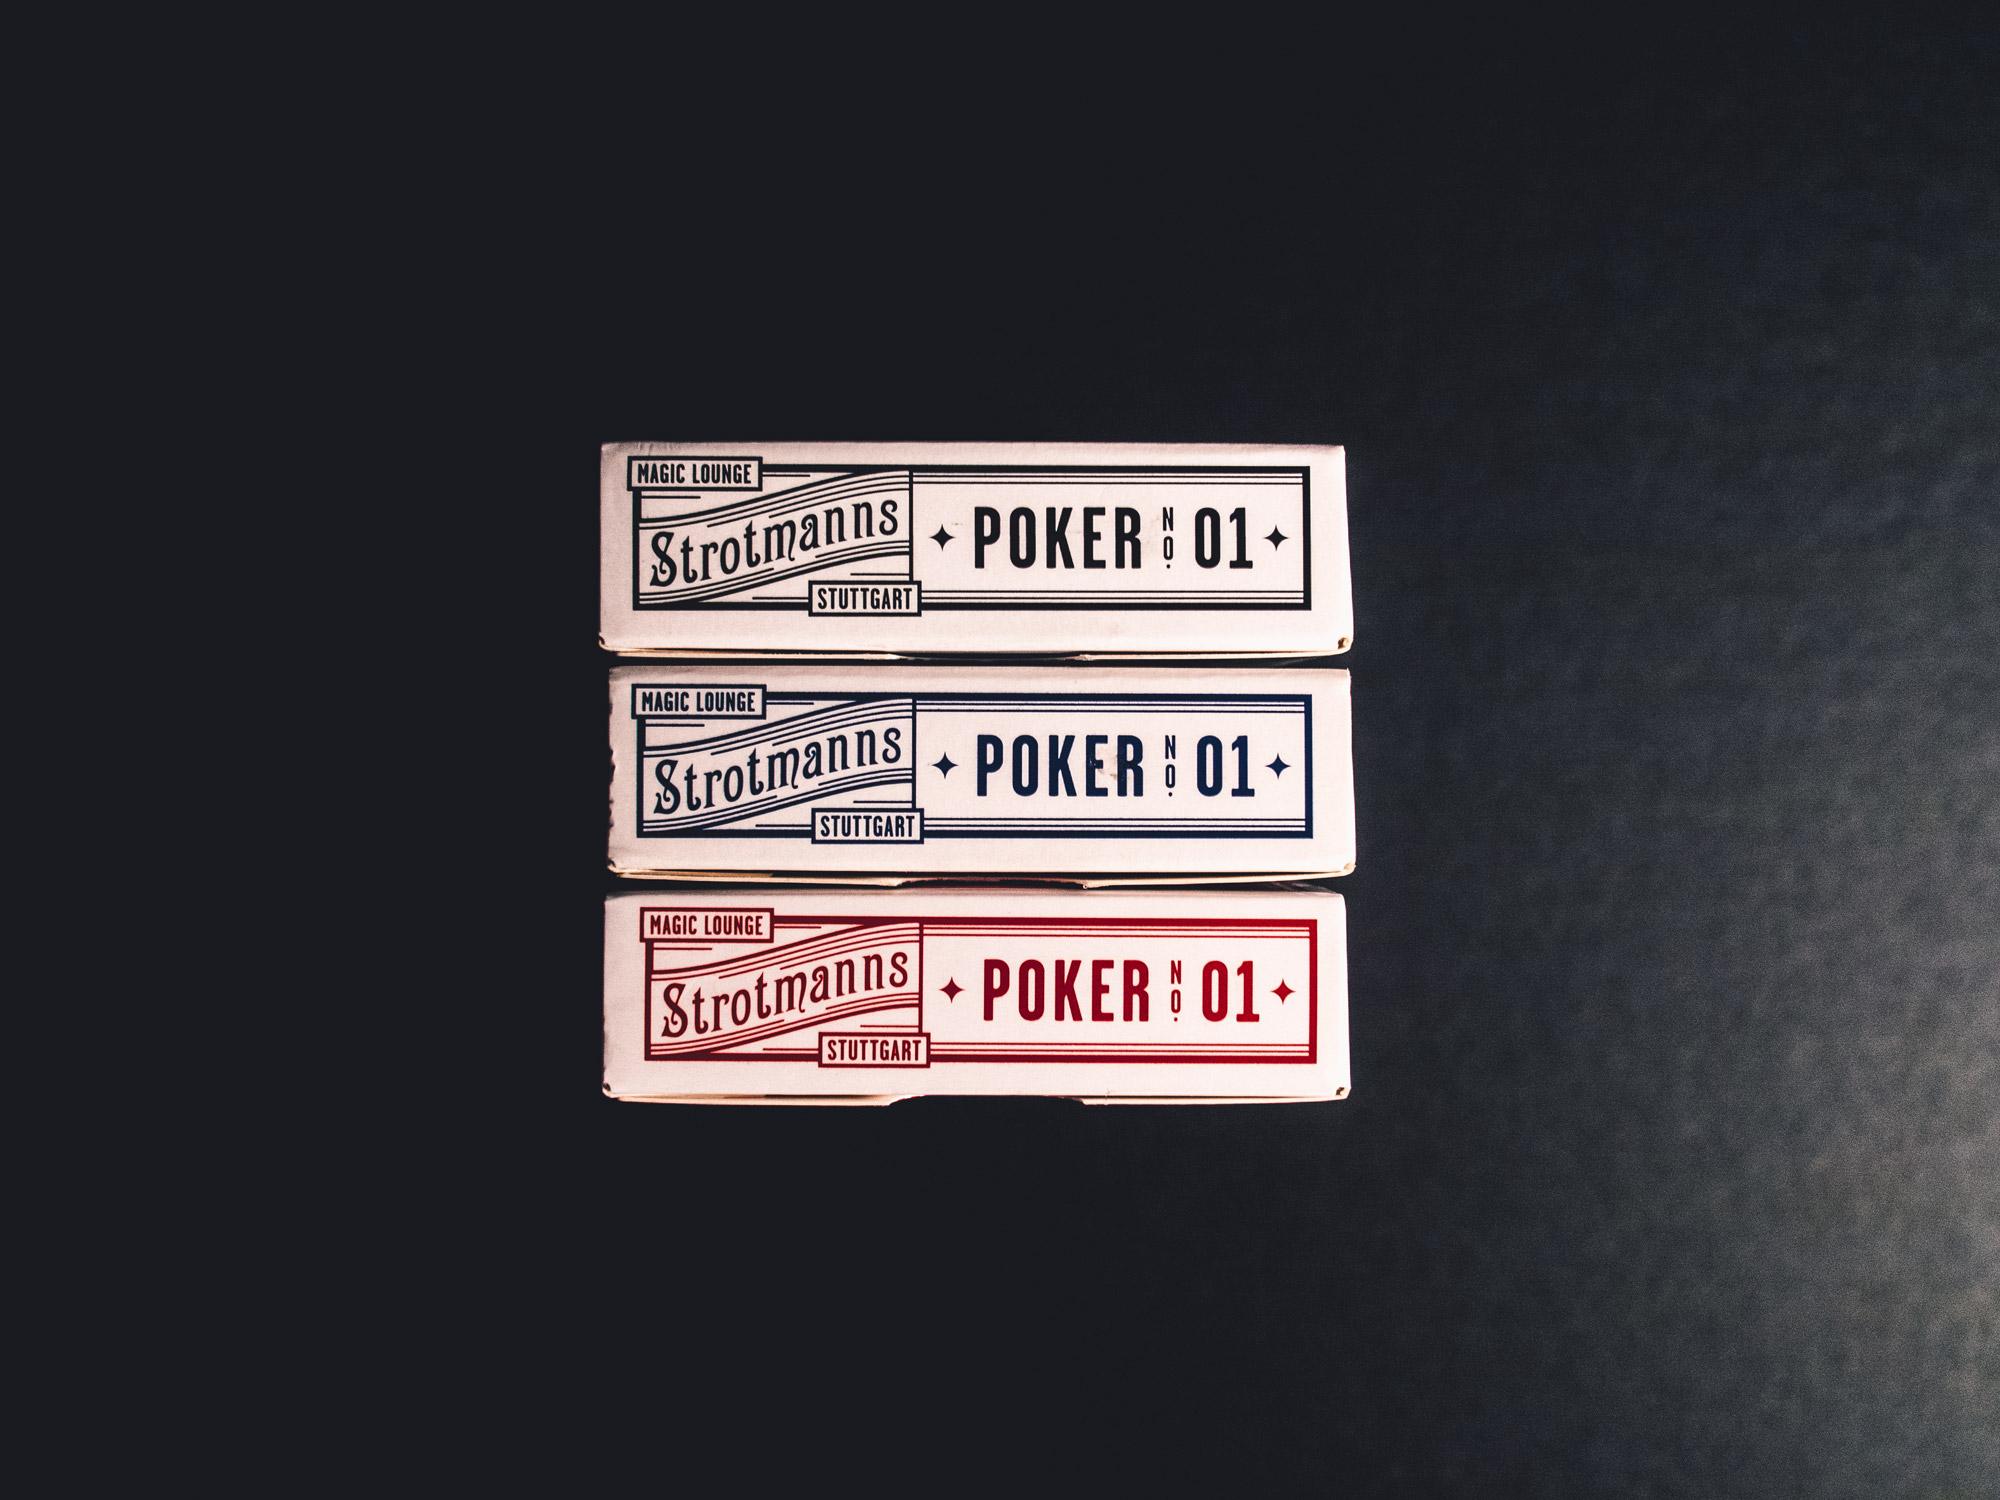 Man sieht die Kopfseite von Spielkarten-Sets der Strotmanns Magic Lounge in den drei verfügbaren Farben schwarz, rot und blau. Die Gestaltung ist an klassische amerikanische Poker-Playingcards angelehnt. Das Design ist von MAJORMAJOR.